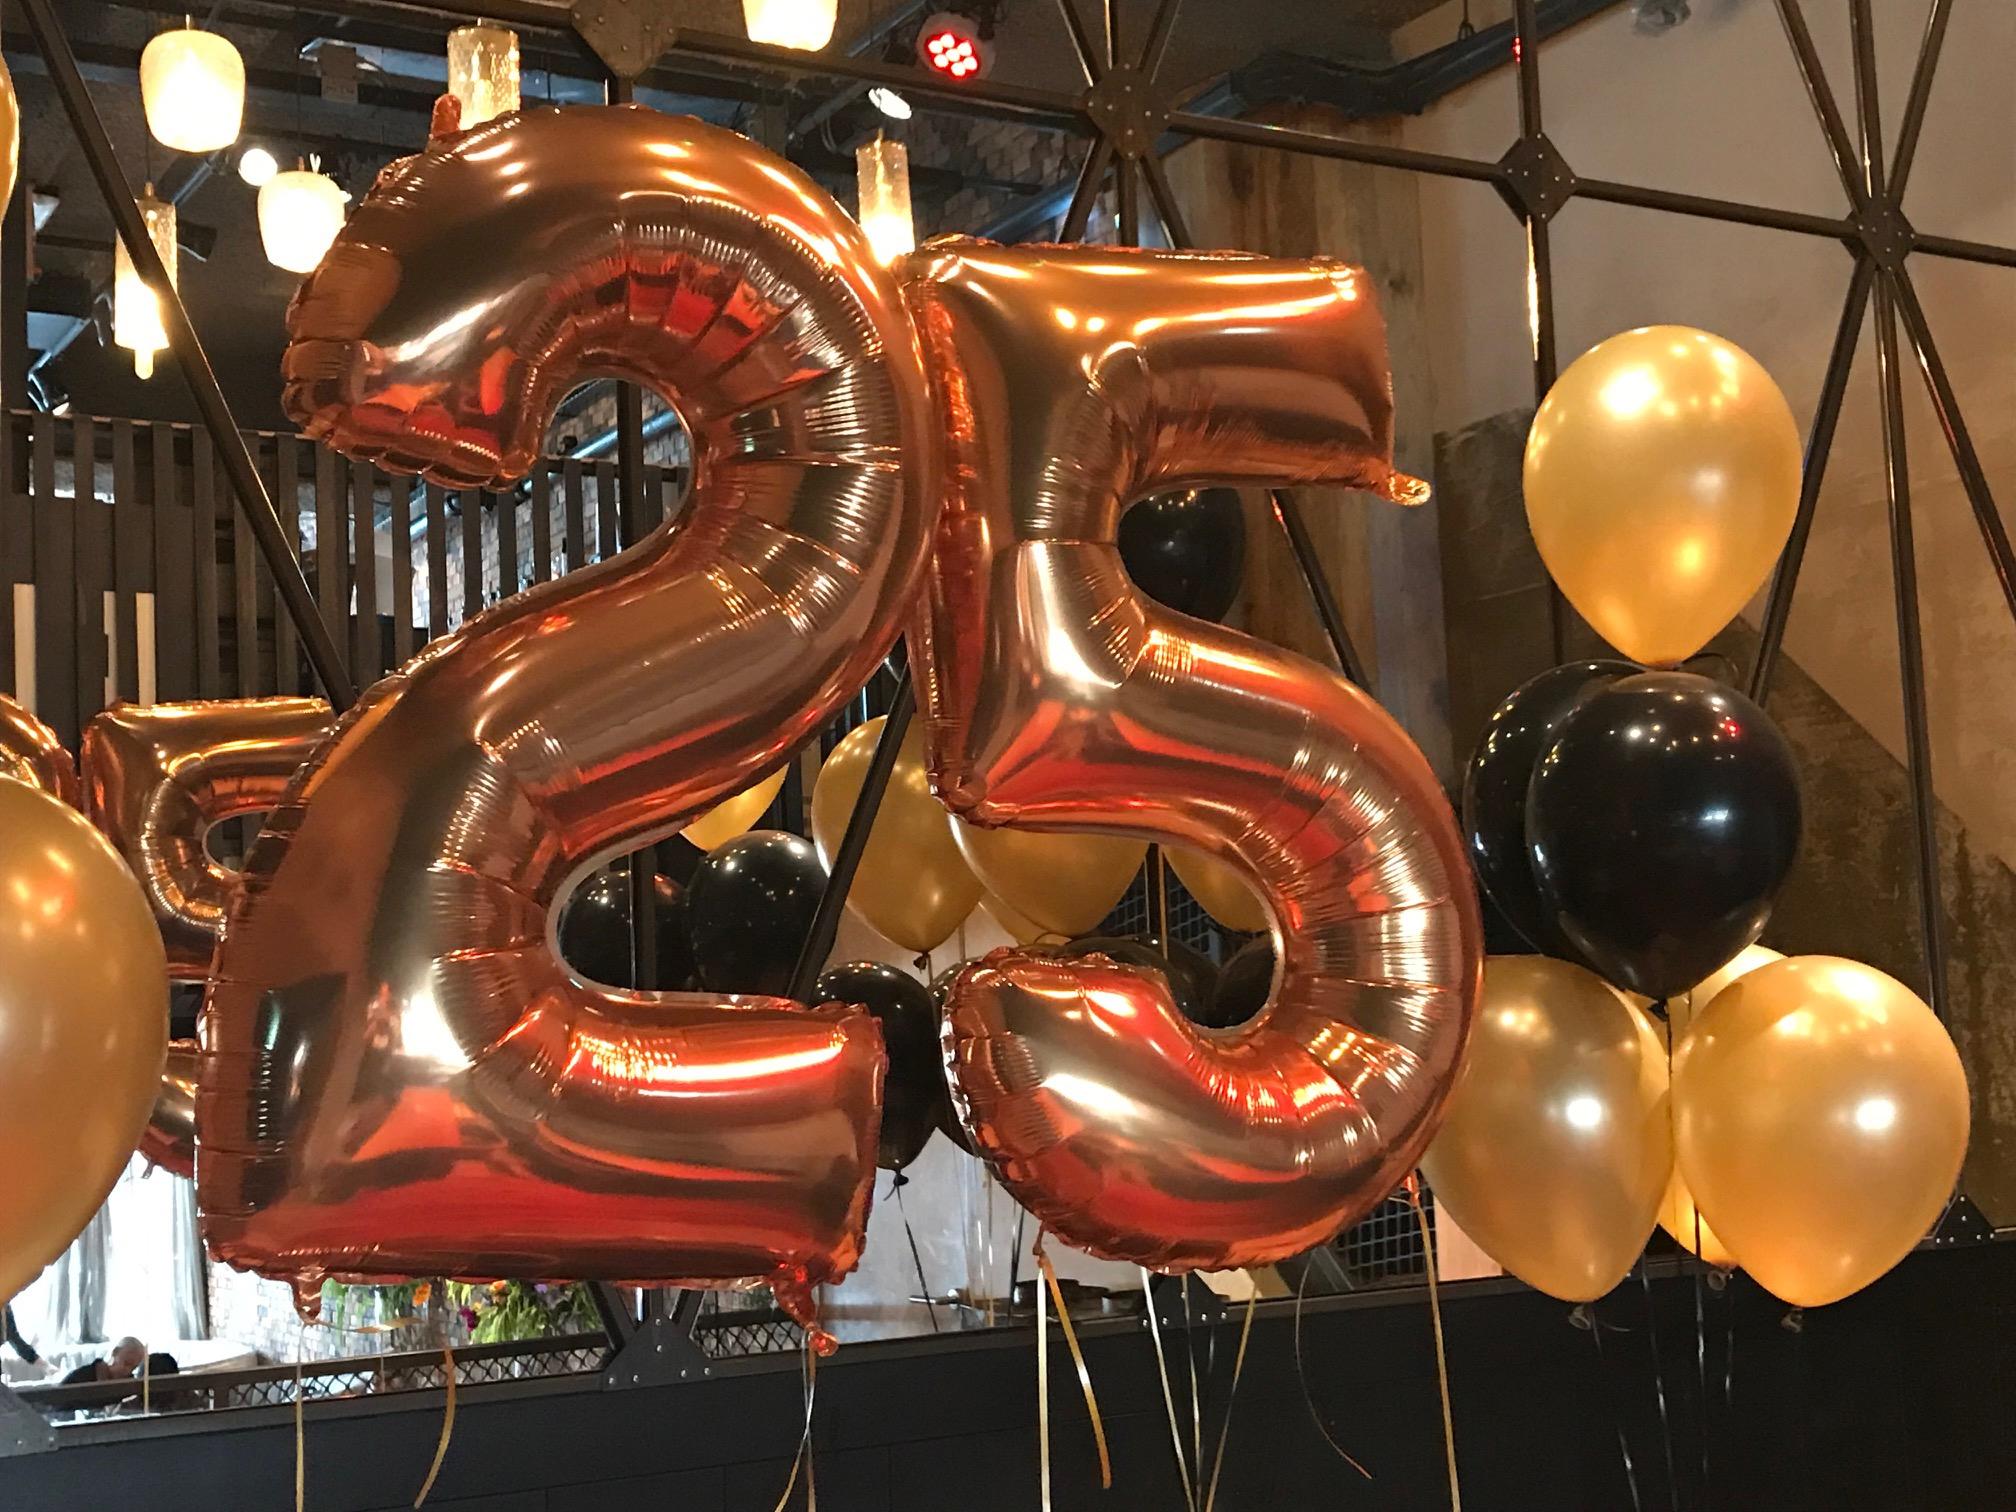 Gratis of Goedkope Ballonnen in ruil voor Blog artikel